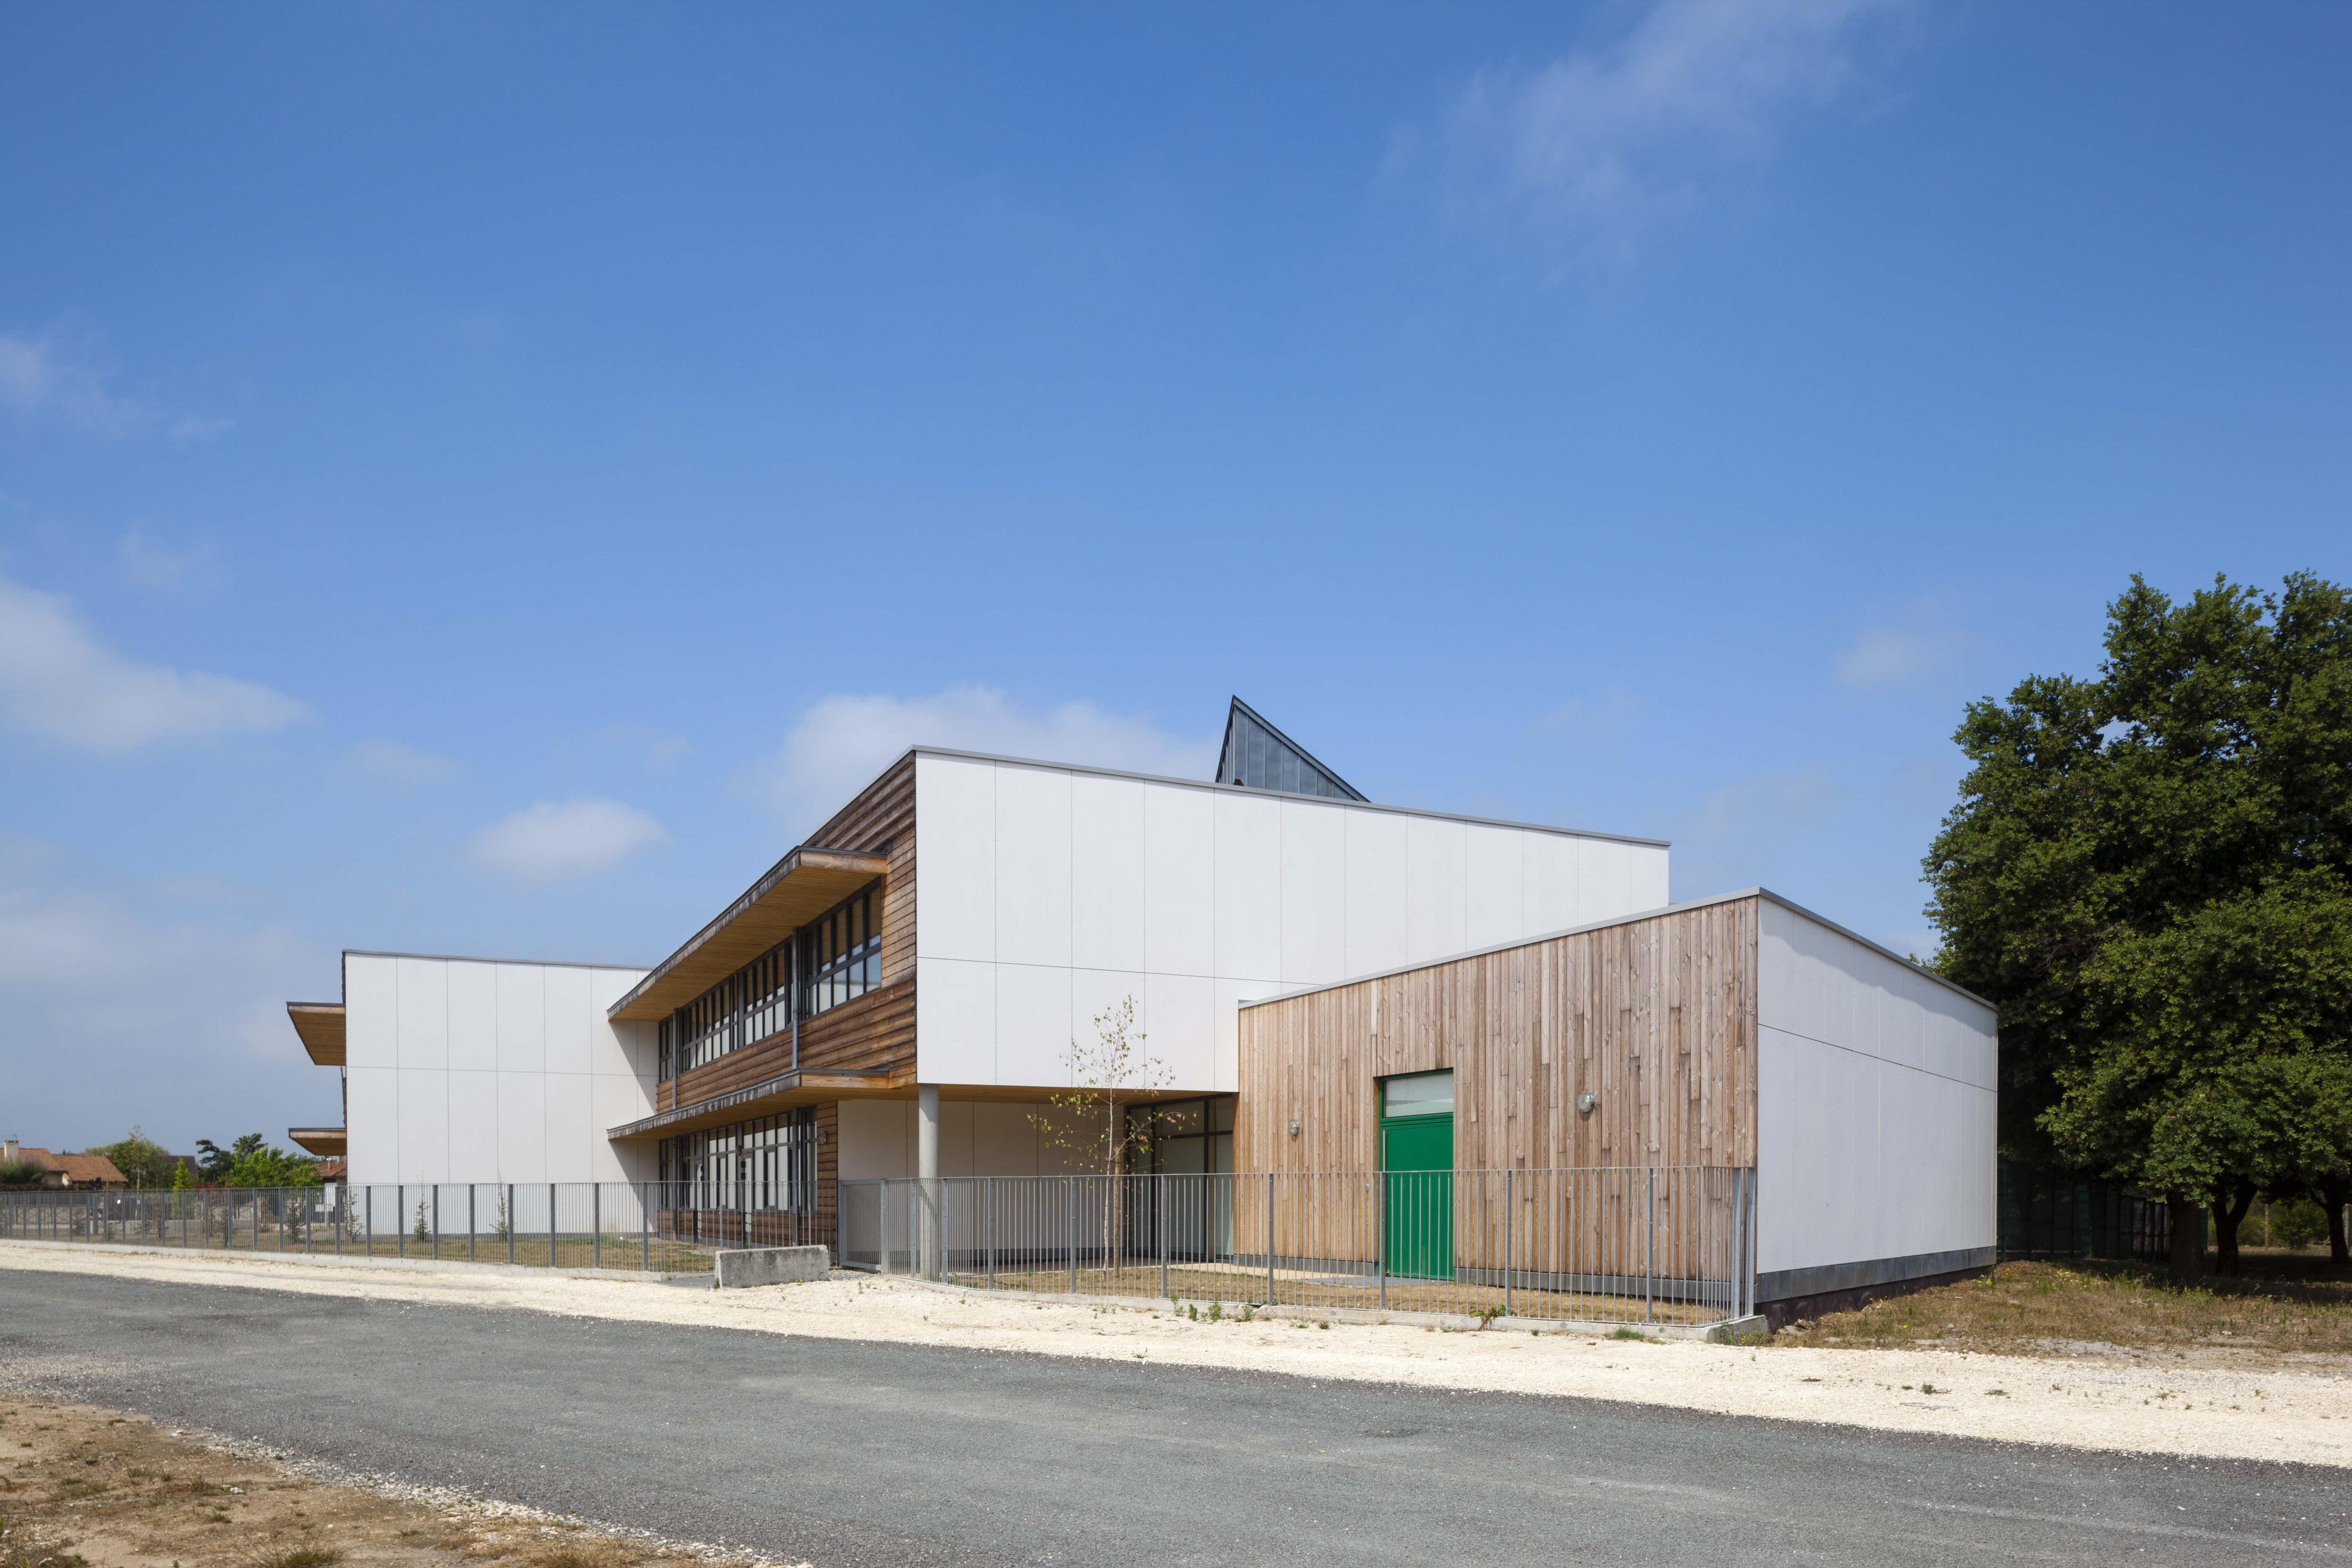 École élémentaire Aimé Césaire à Ambarès et Lagrave